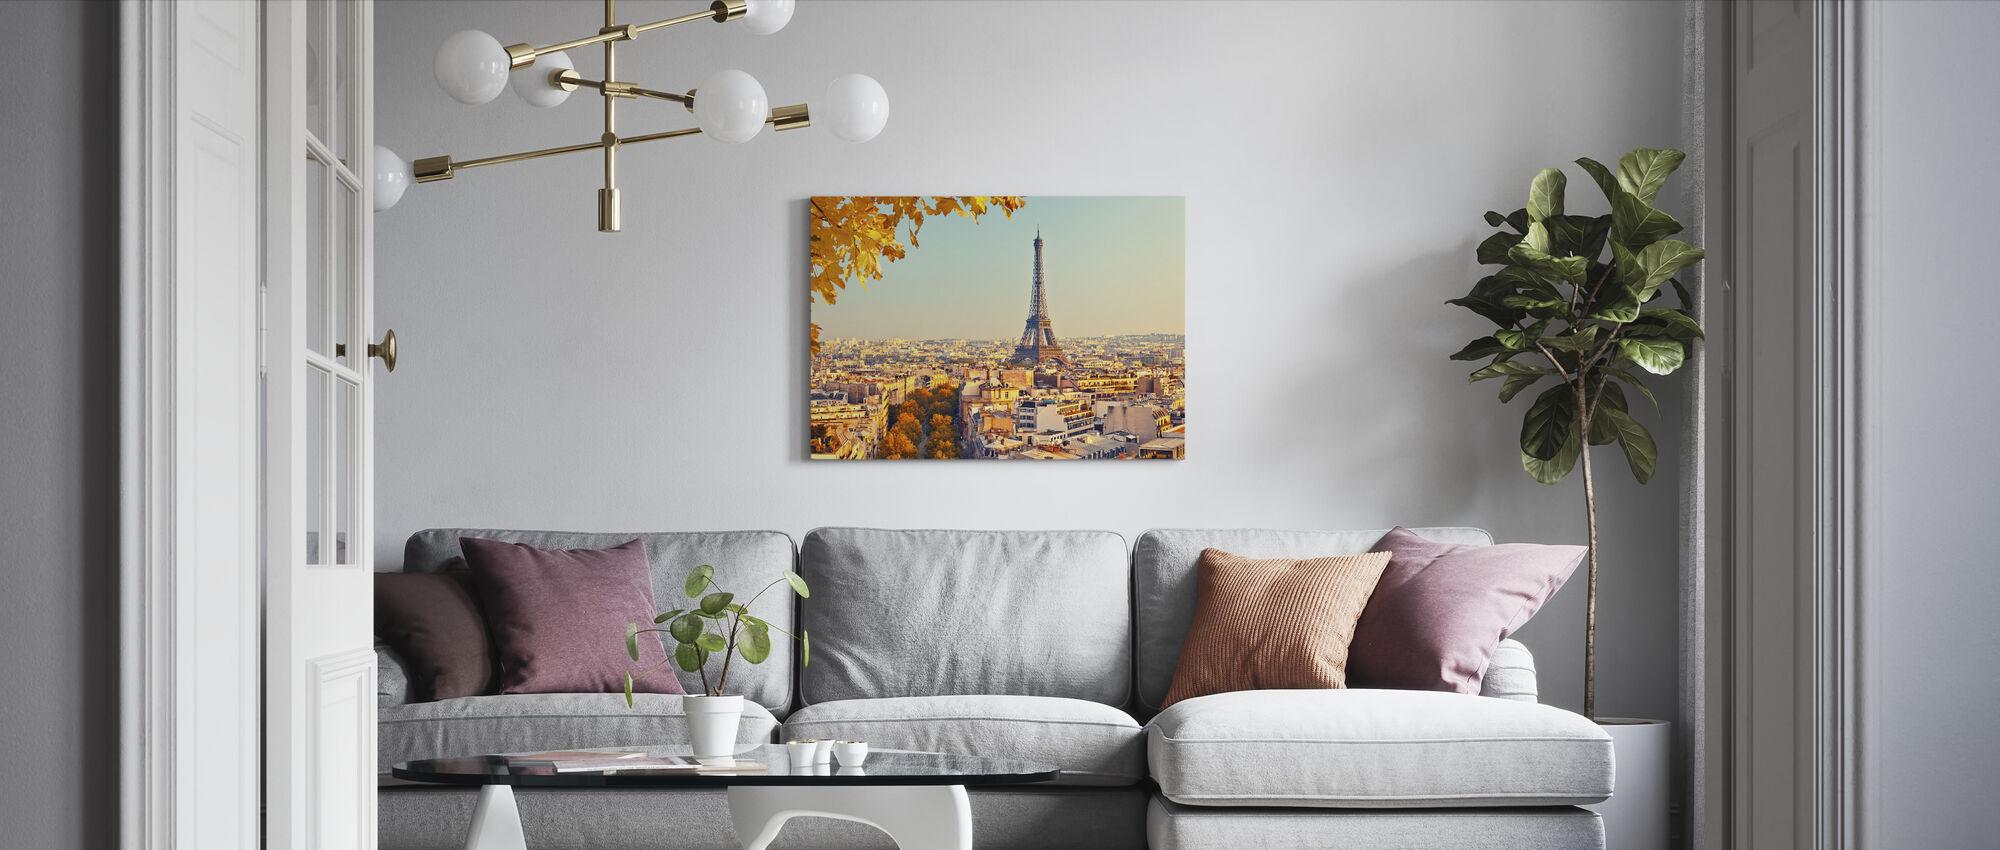 Eiffel-torni syksyn näkymä - Canvastaulu - Olohuone